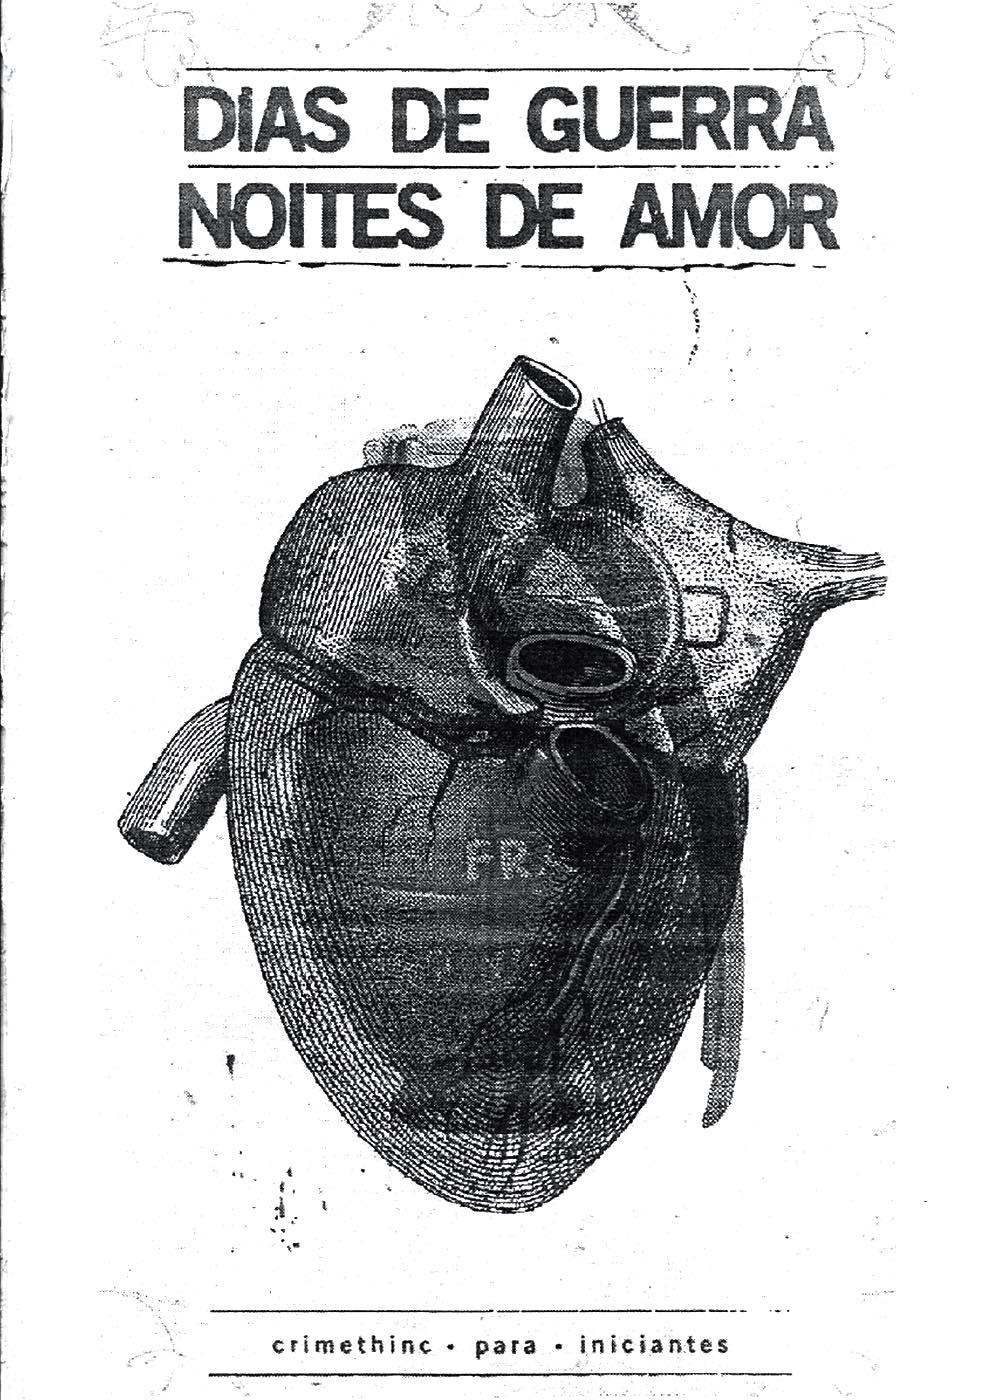 Photo of 'Dias de Guerra, Noites de Amor - Versão Reduzida' front cover